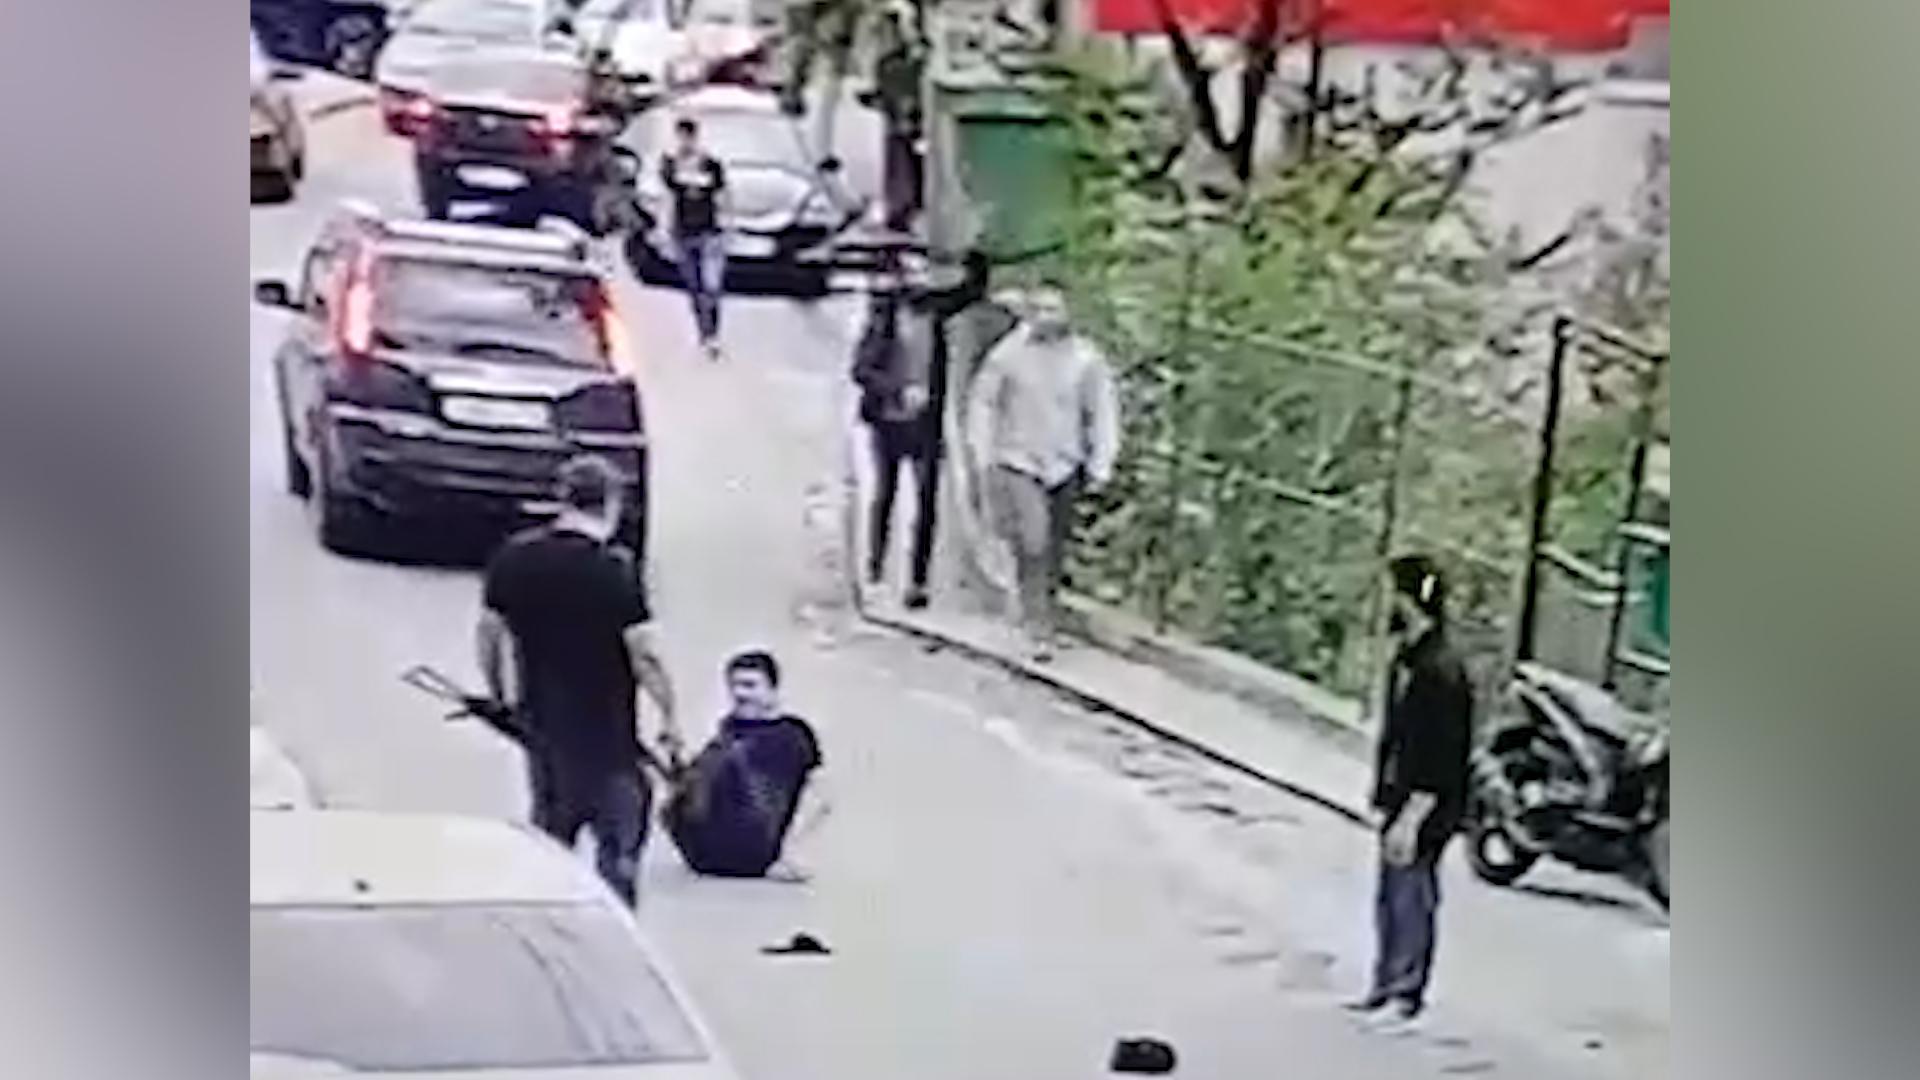 Зачинщик с автоматом в бегах: Массовая драка со стрельбой в Сочи попала на видео